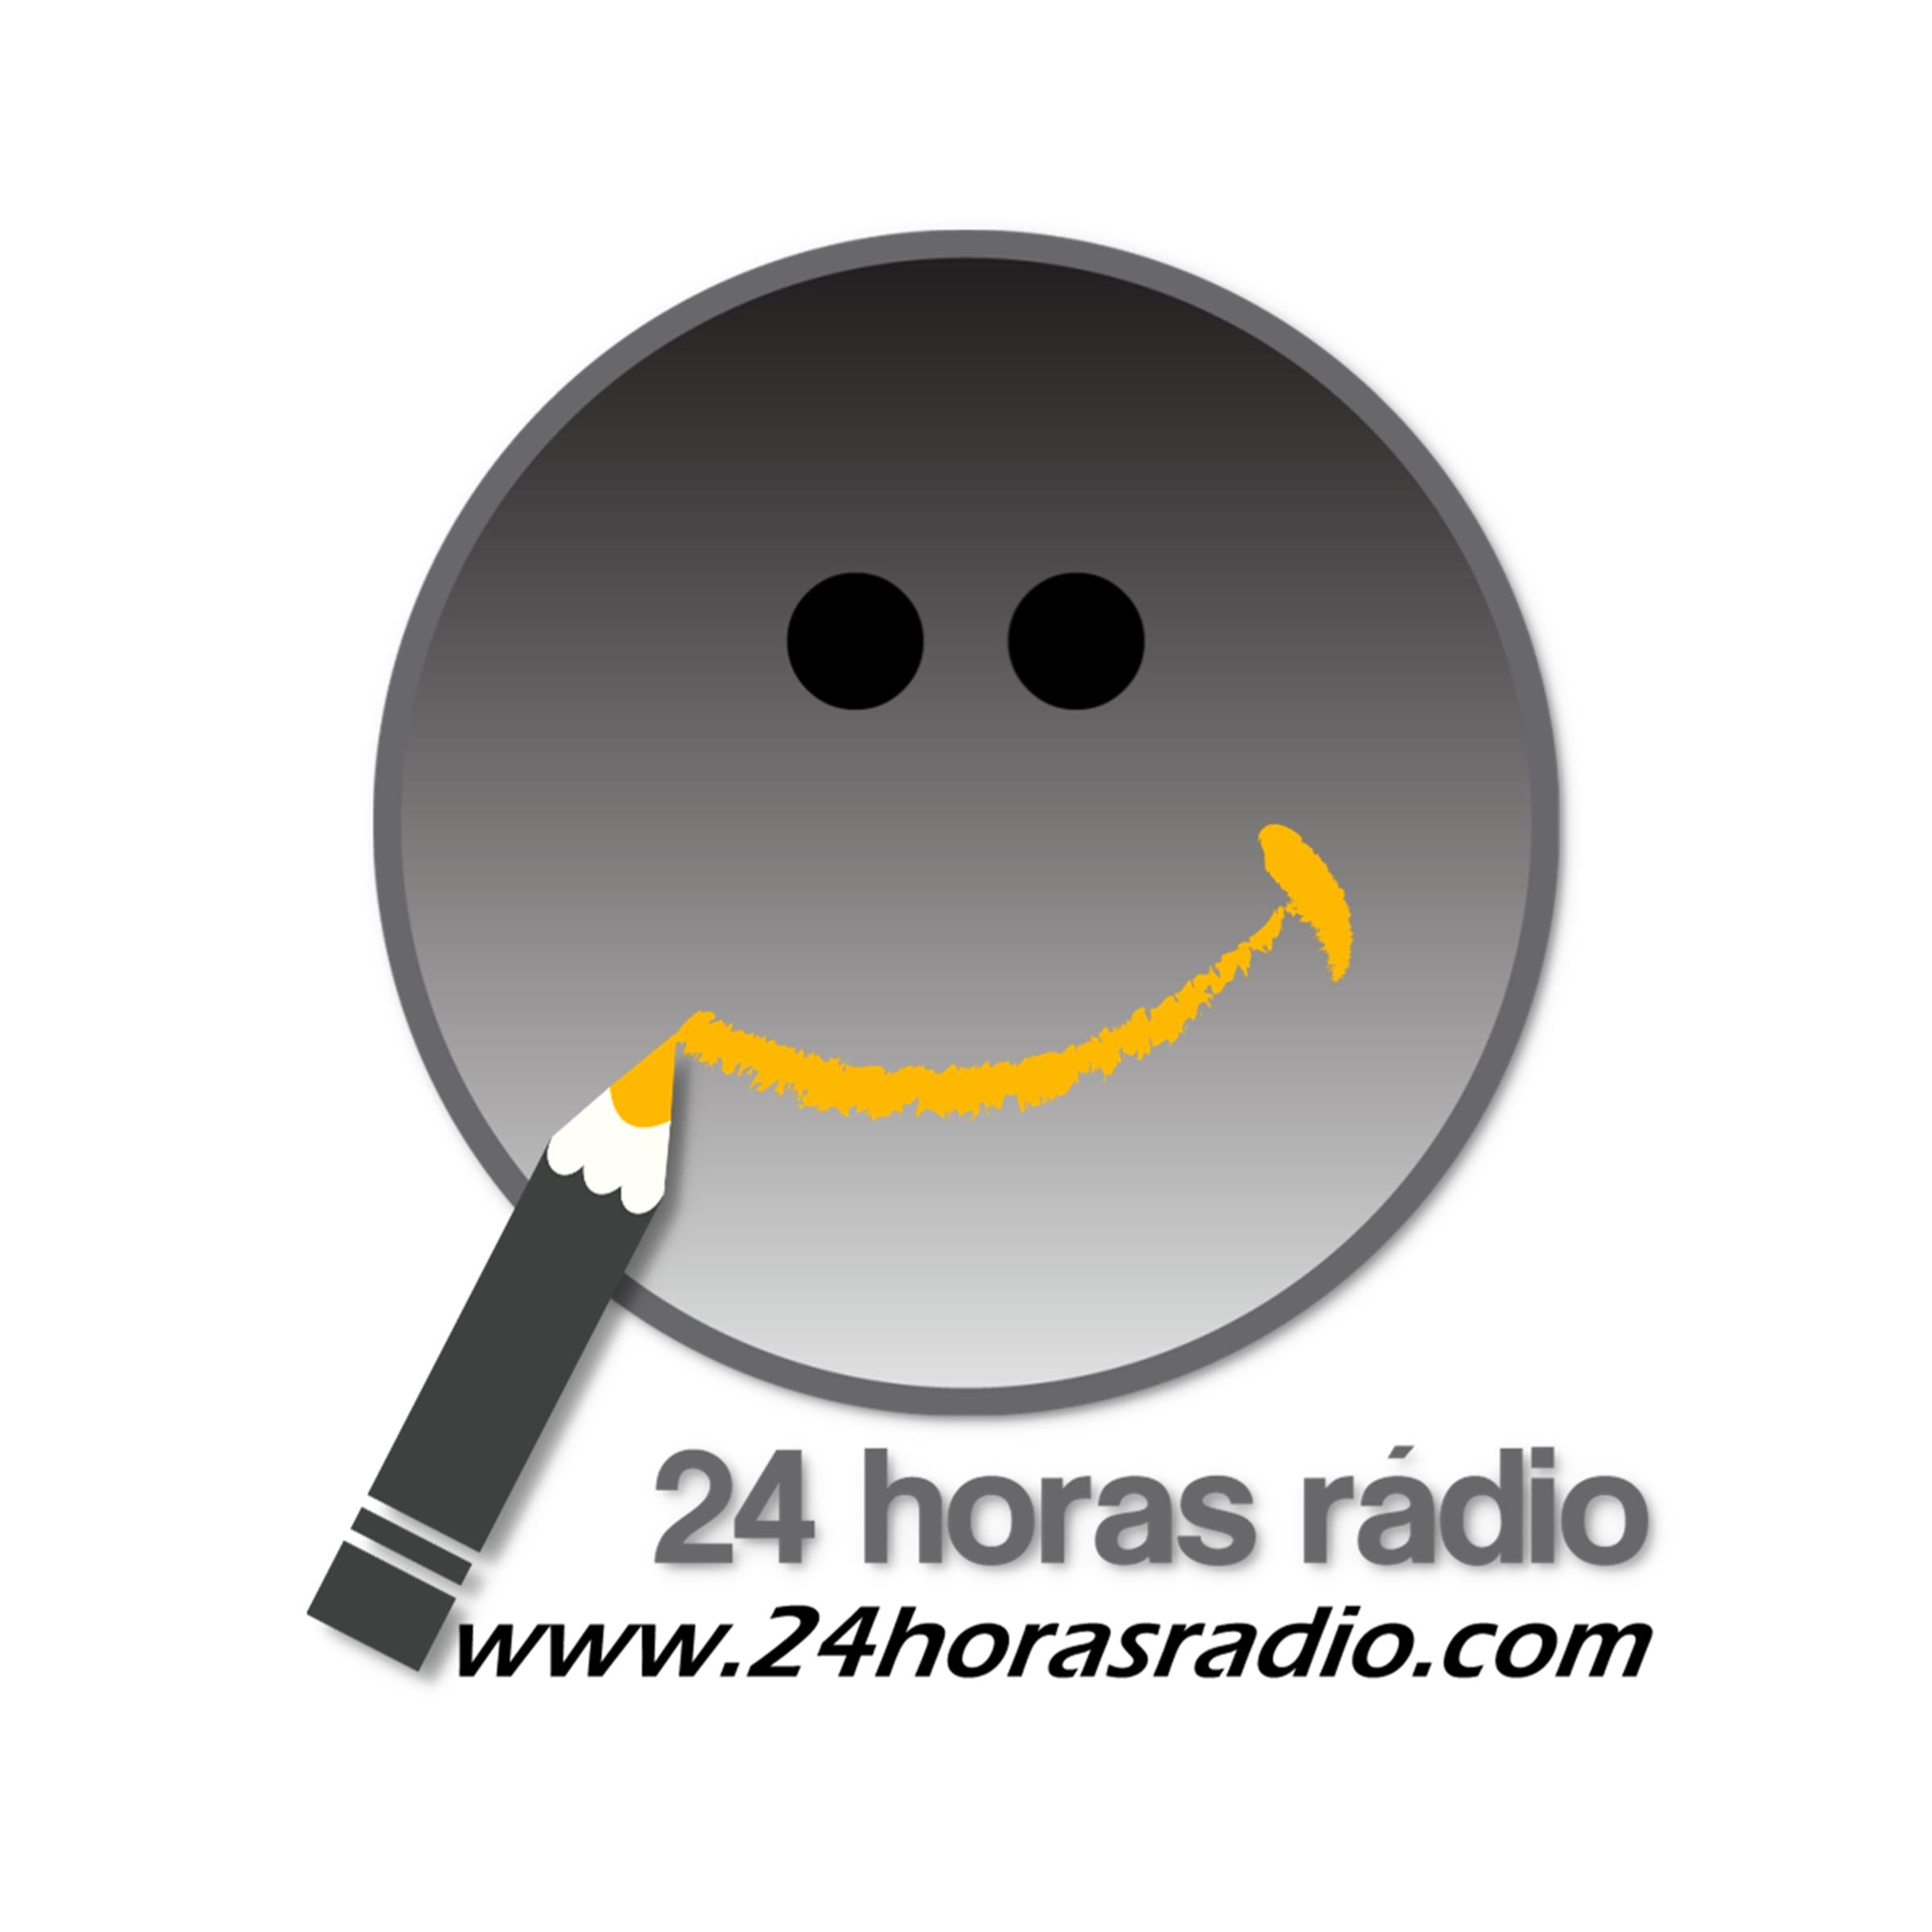 24 Horas Rádio logo